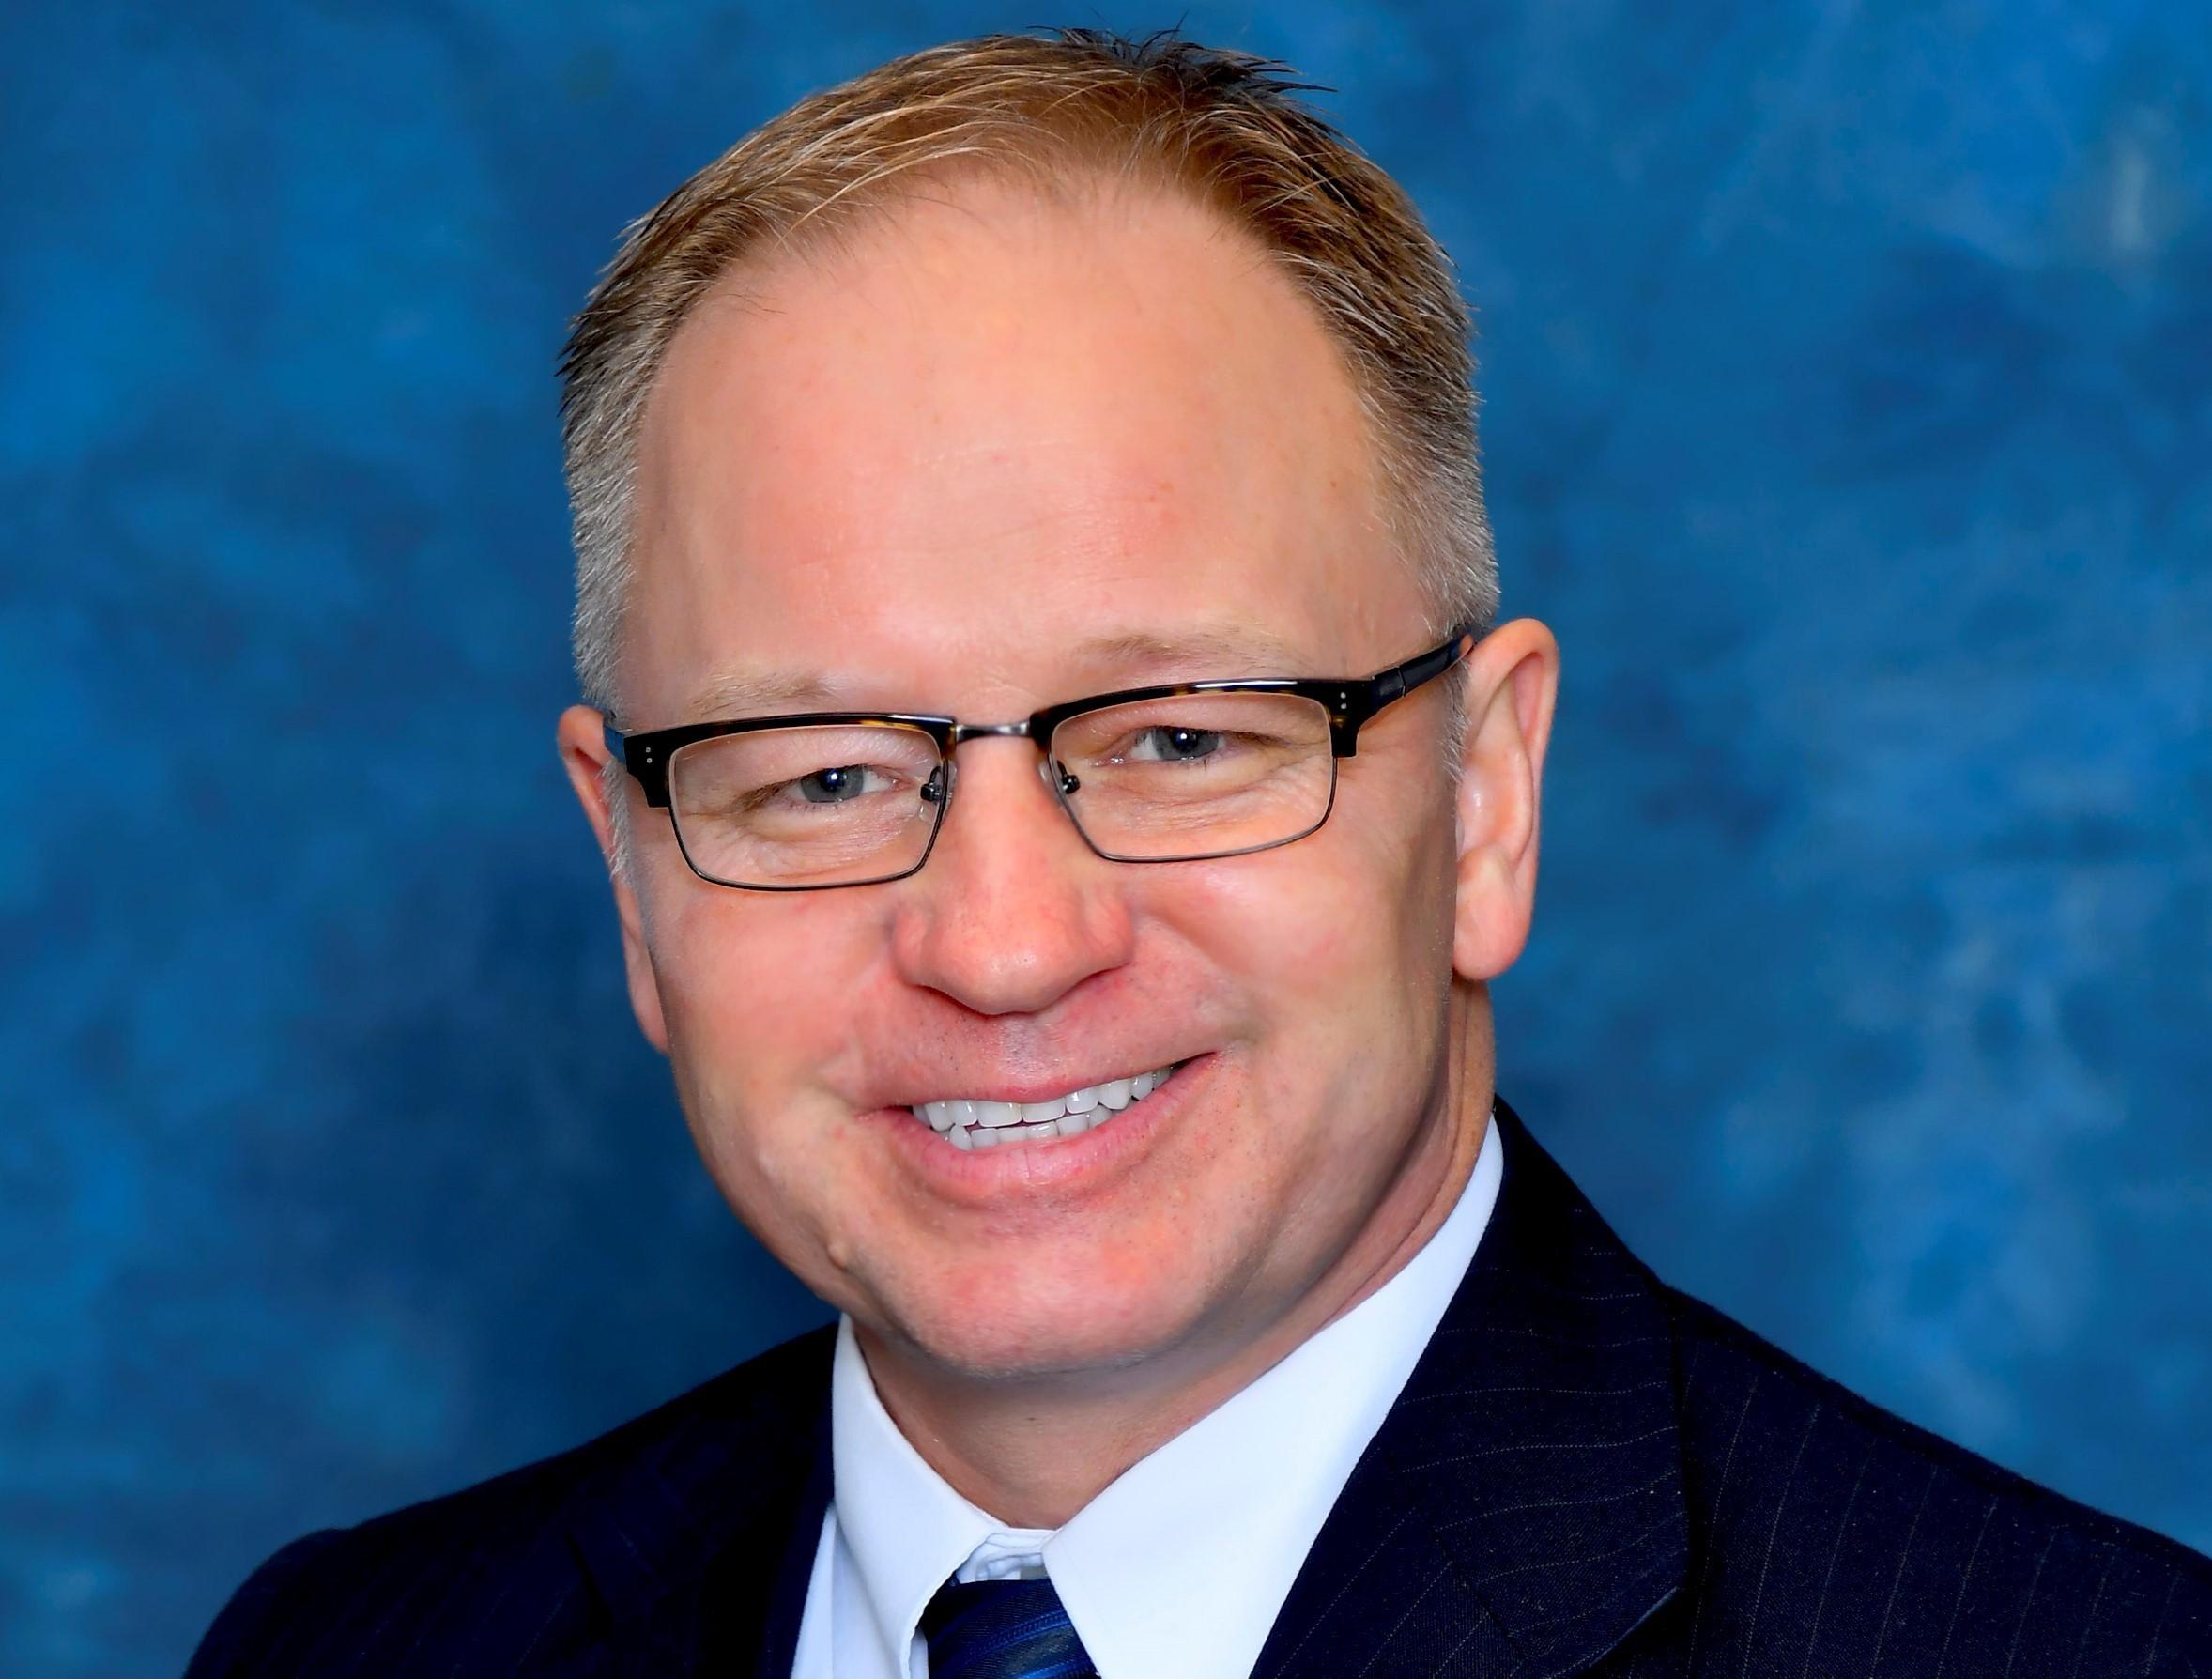 Commissioner Chris Abbuhl